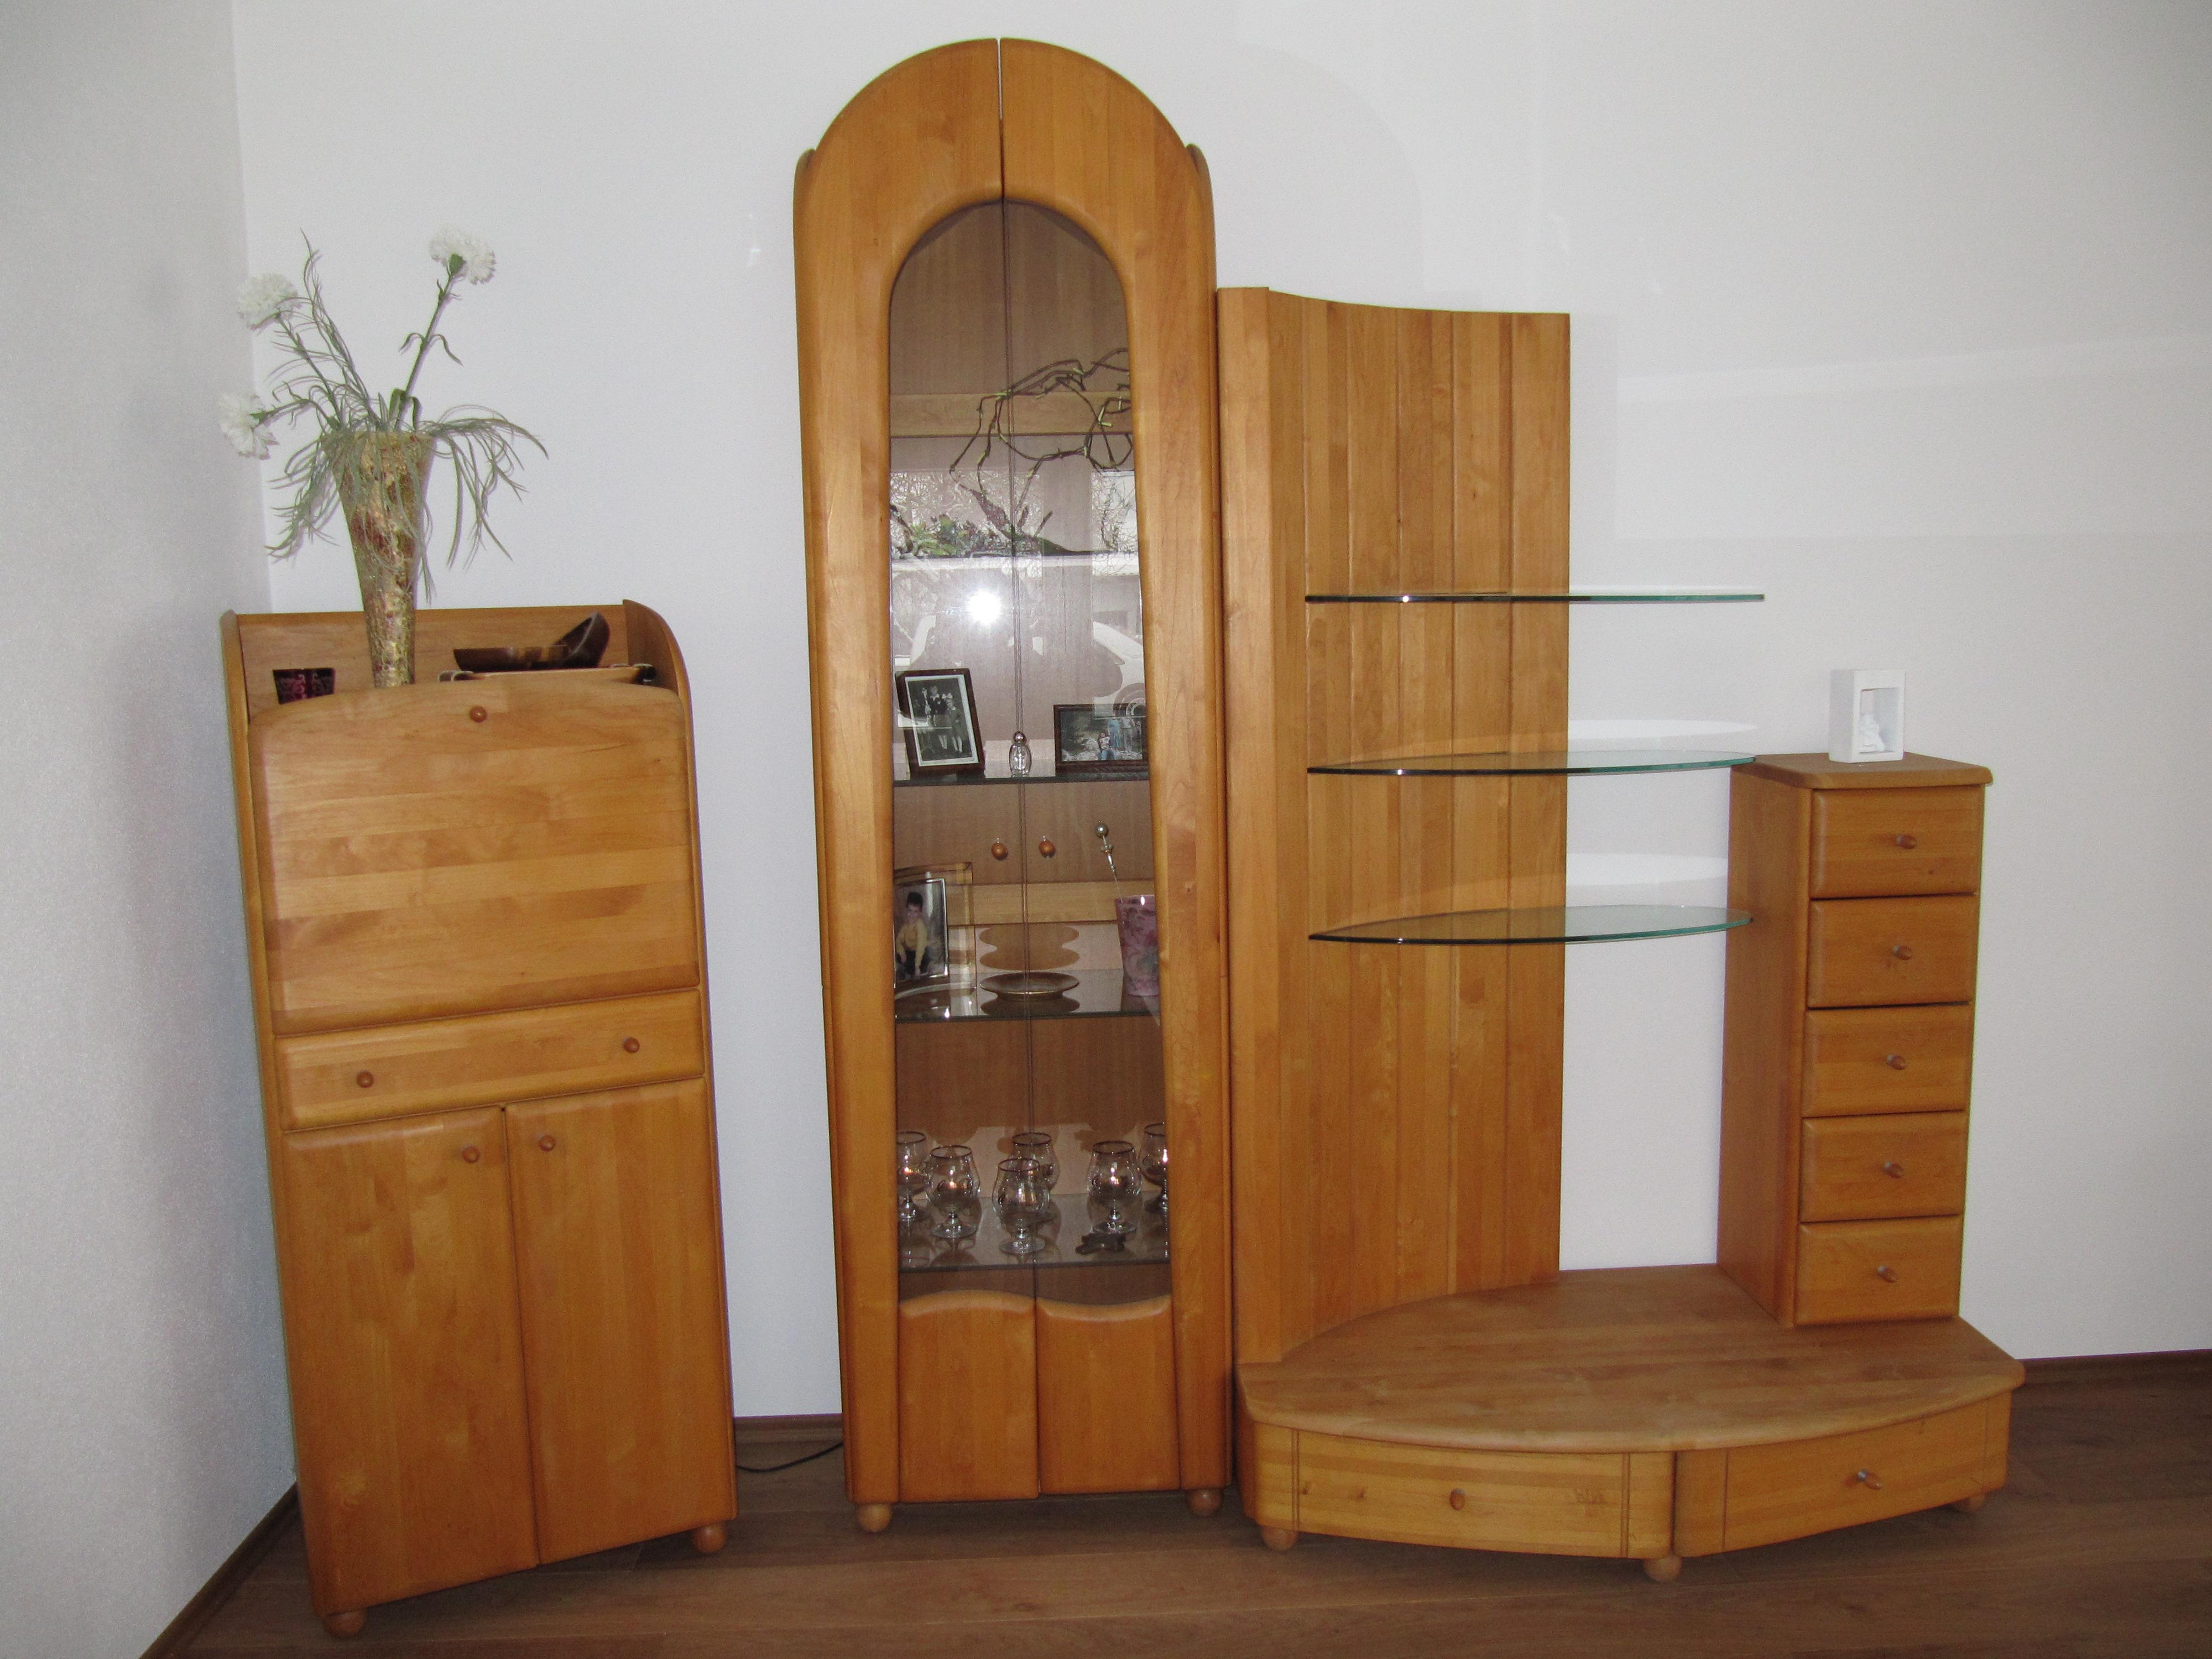 Möbel und Haushalt Kleinanzeigen in Augsburg